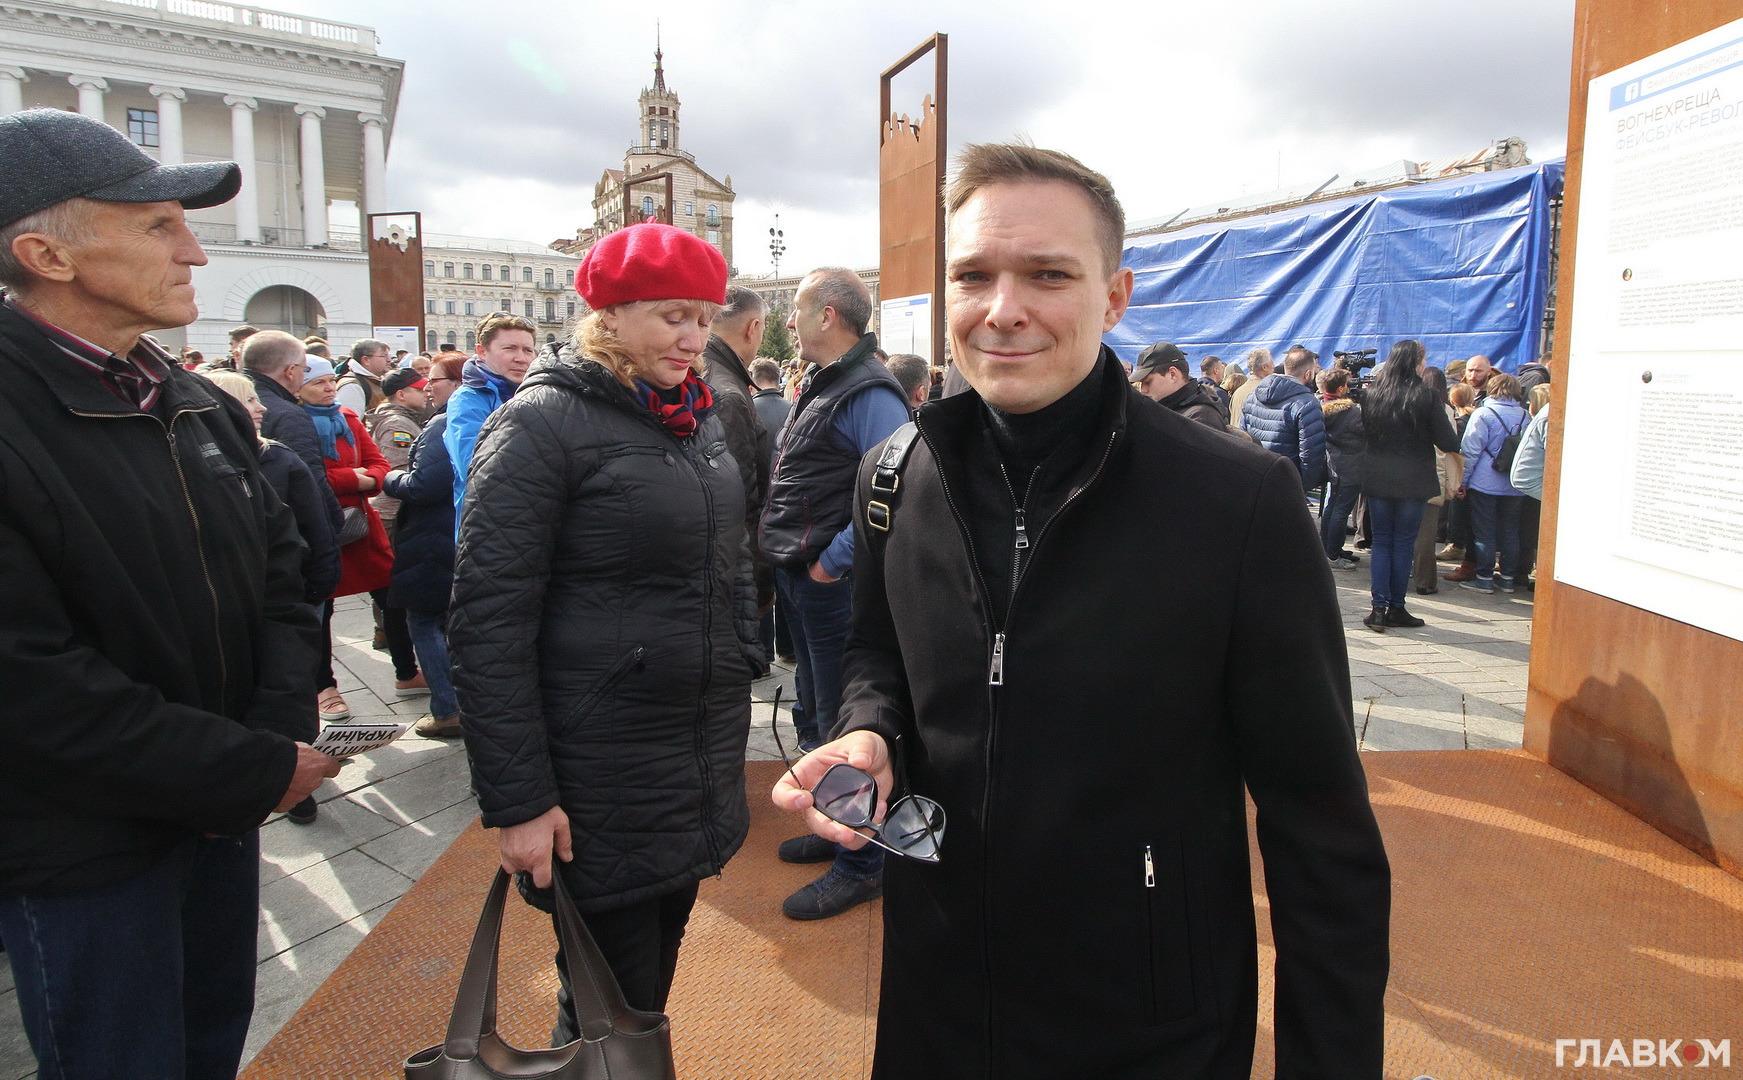 Сергій Висоцький, екснародний депутат від «Народного фронту»